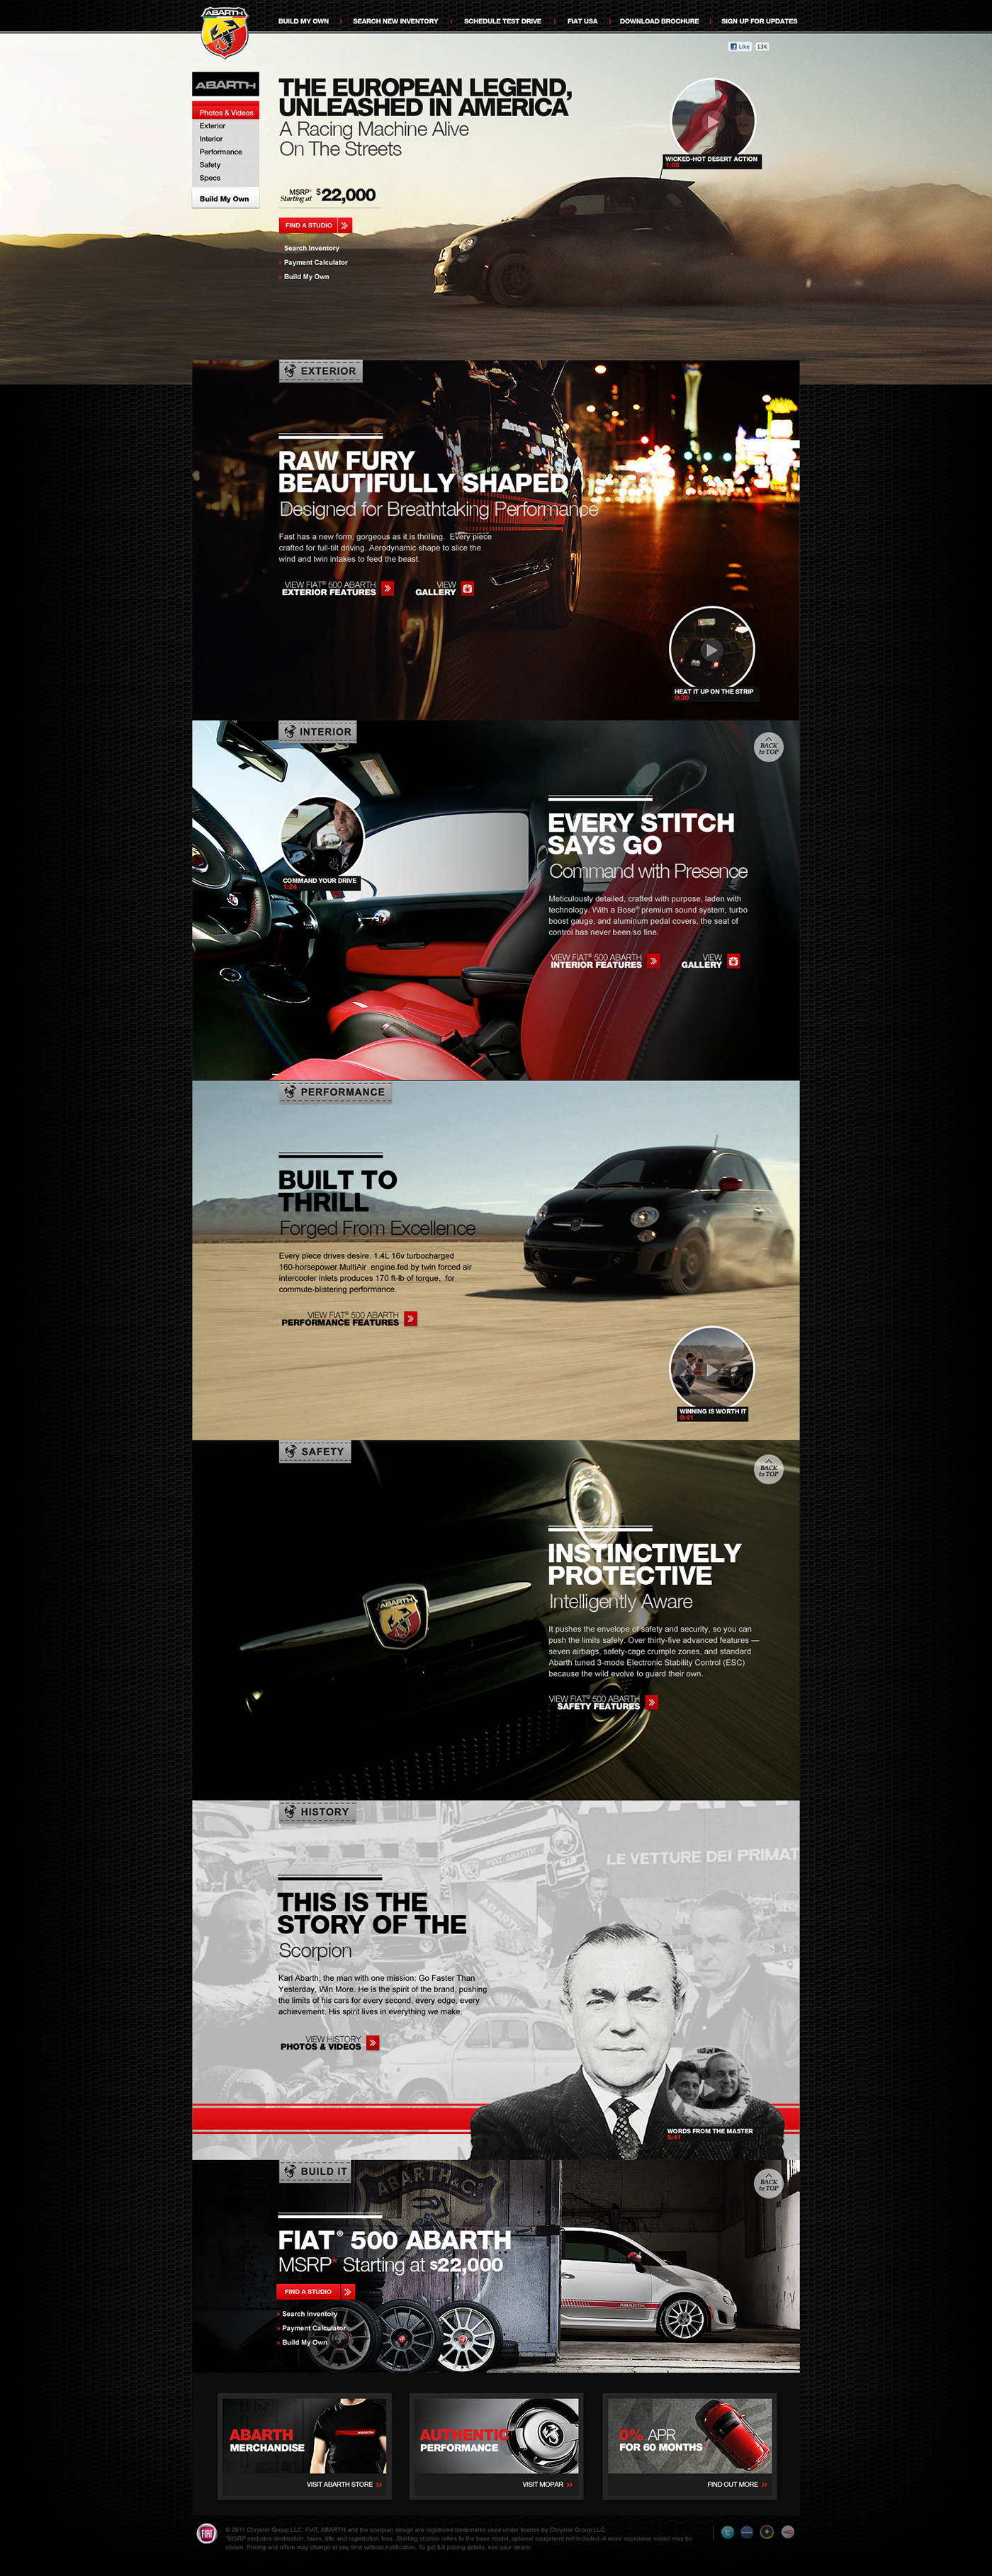 Fiat 500 Abarth Website Design on Behance